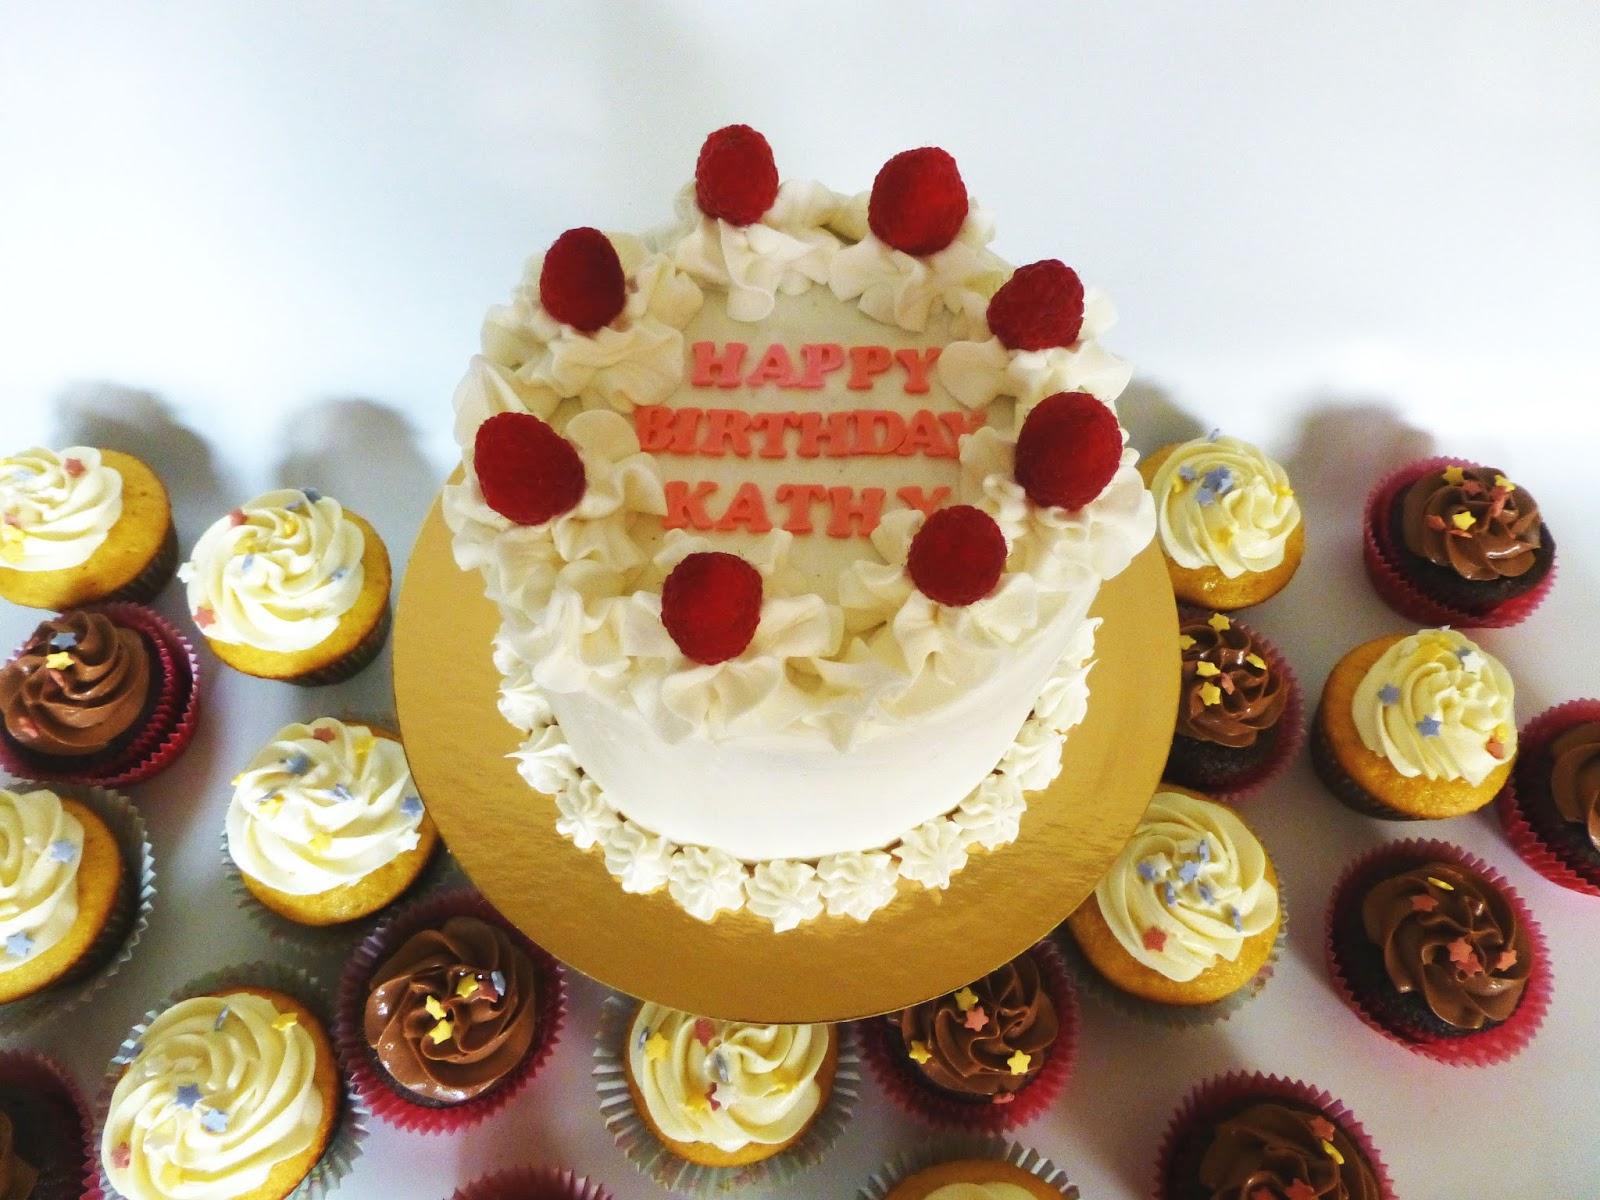 Happy Birthday Kathy Cake Make Up